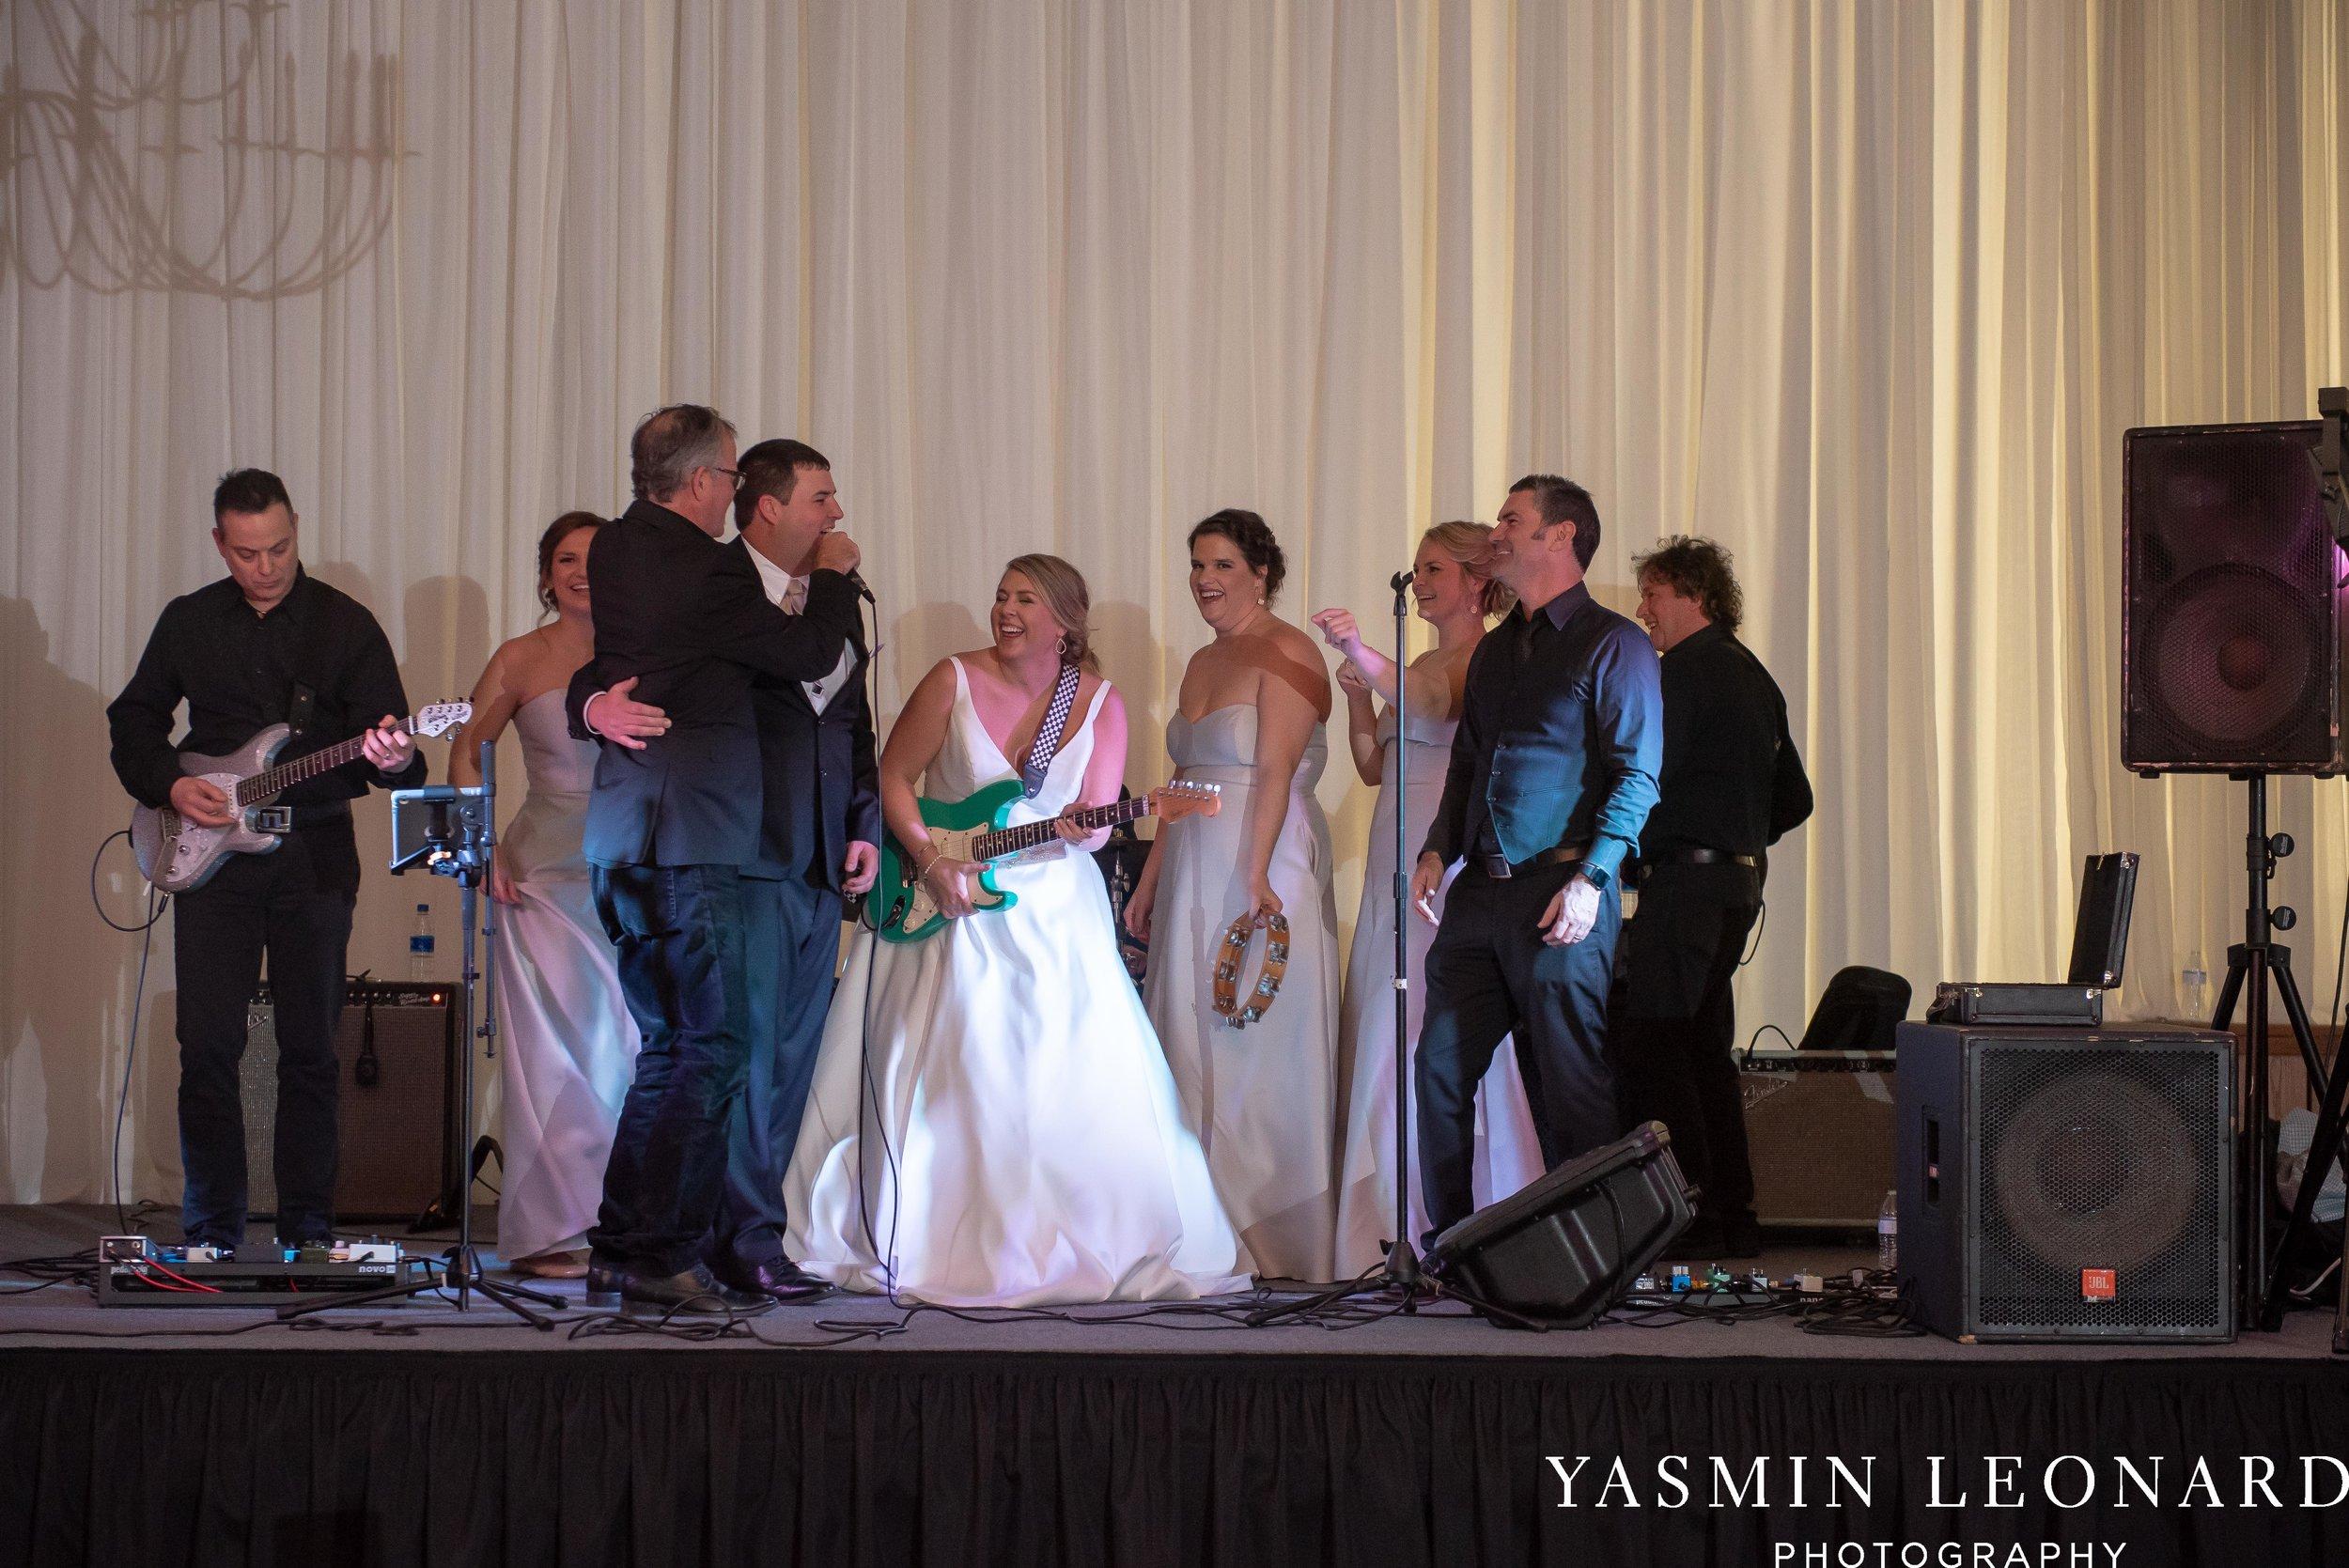 Adaumont Farm - Wesley Memorial Weddings - High Point Weddings - Just Priceless - NC Wedding Photographer - Yasmin Leonard Photography - High Point Wedding Vendors-67.jpg